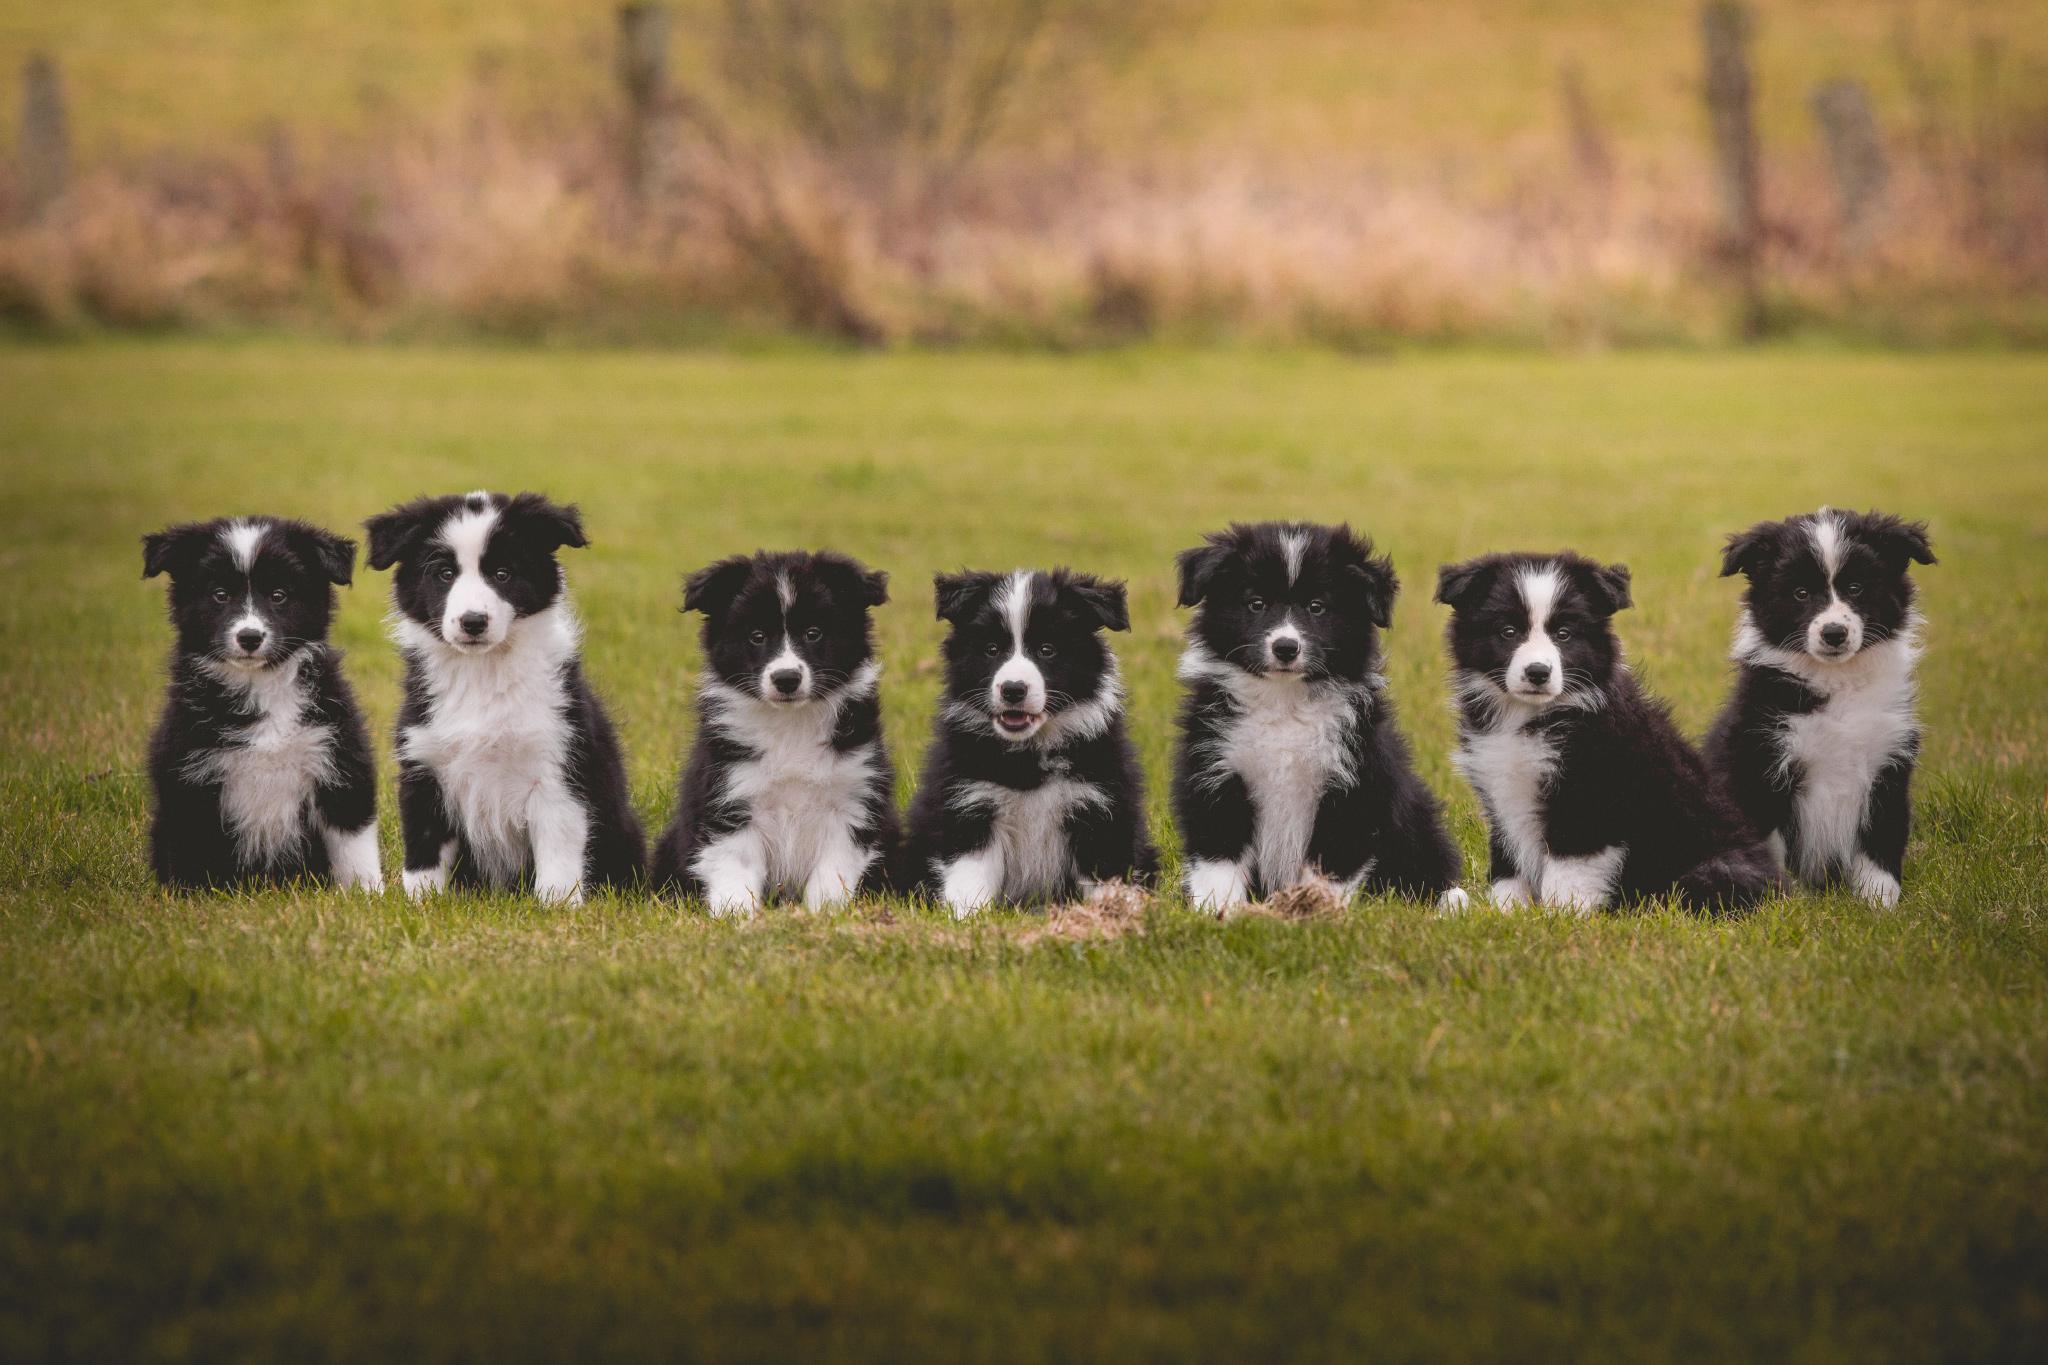 Gruppenfoto von sieben schwarz-weißen Border Collie Welpen aus VDH-Zucht.